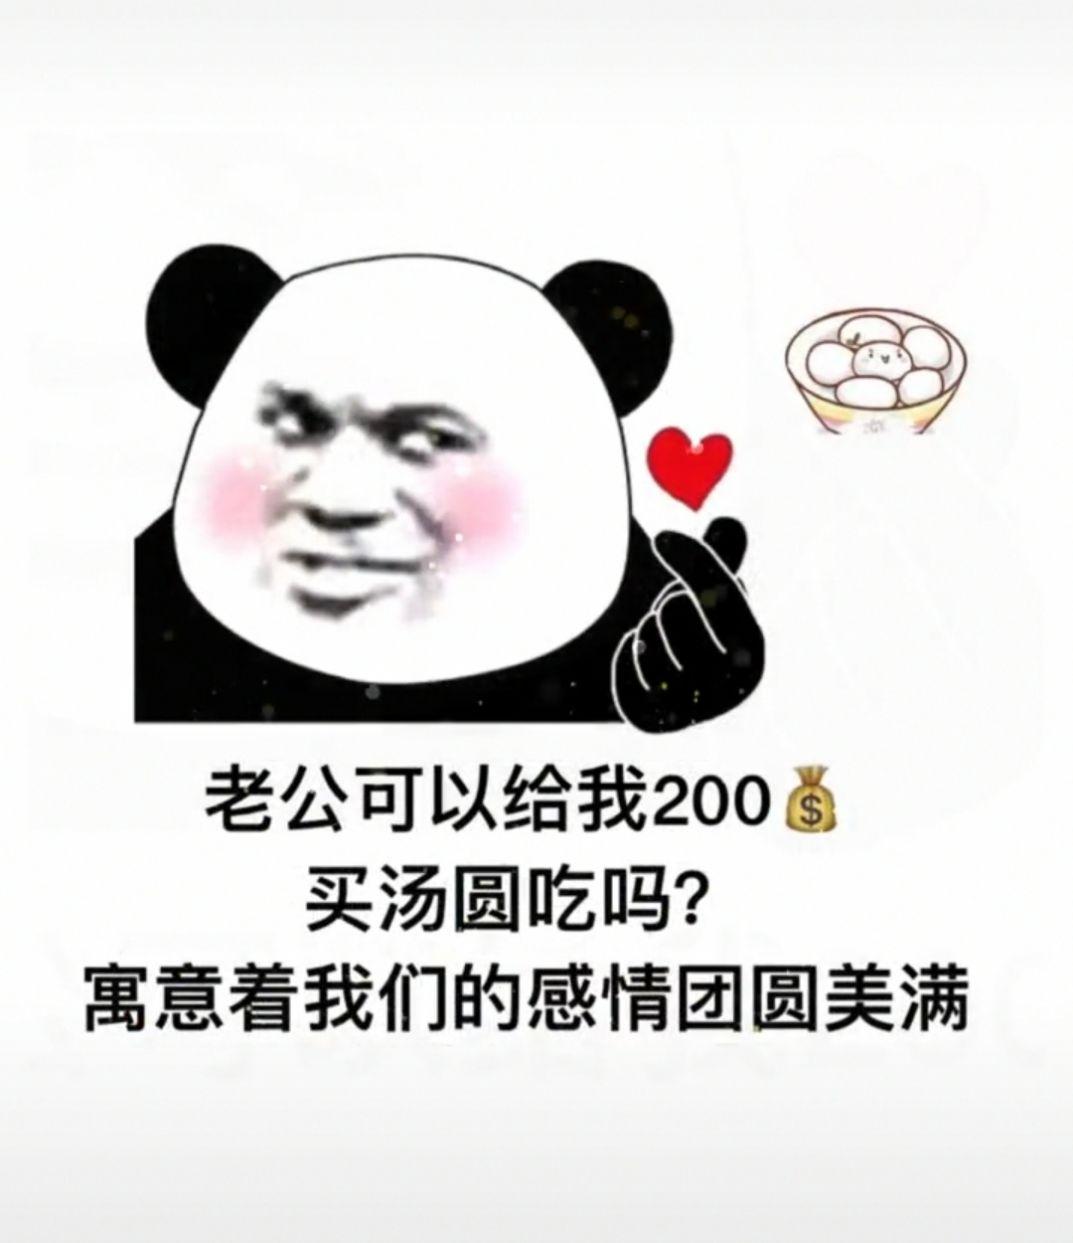 抖音老公可以给我200买汤圆吃吗表情包图片下载图3: